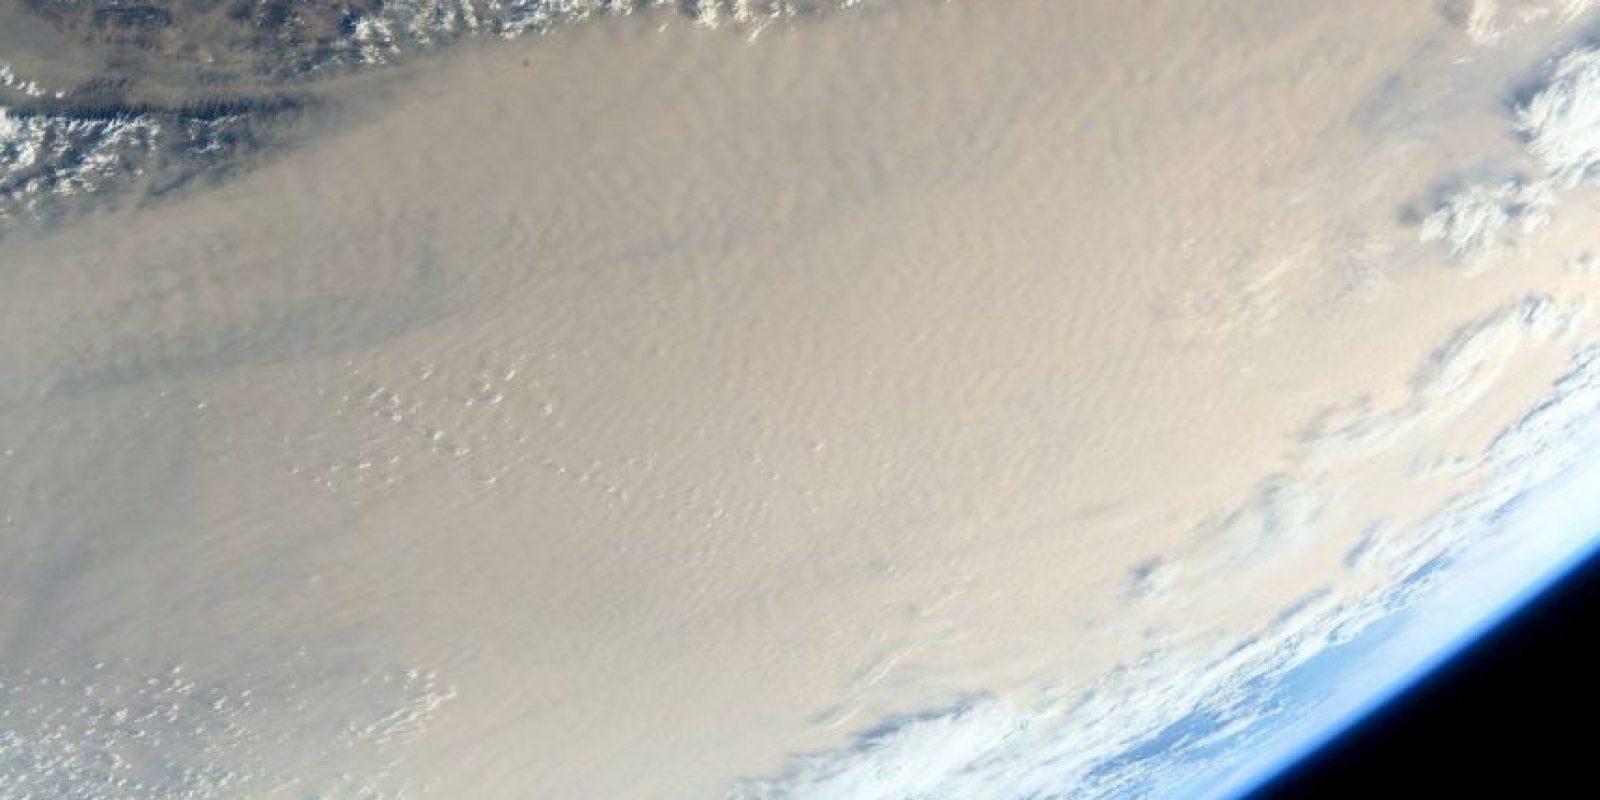 Así luce una tormenta de arena vista desde el espacio Foto:Facebook.com/NASA-Astronaut-Scott-Kelly